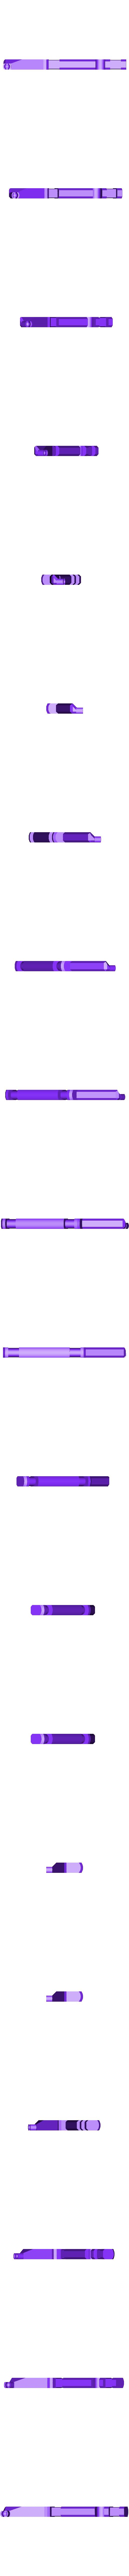 joystick_hinge.stl Télécharger fichier STL gratuit Joystick PS4 • Design à imprimer en 3D, Osichan